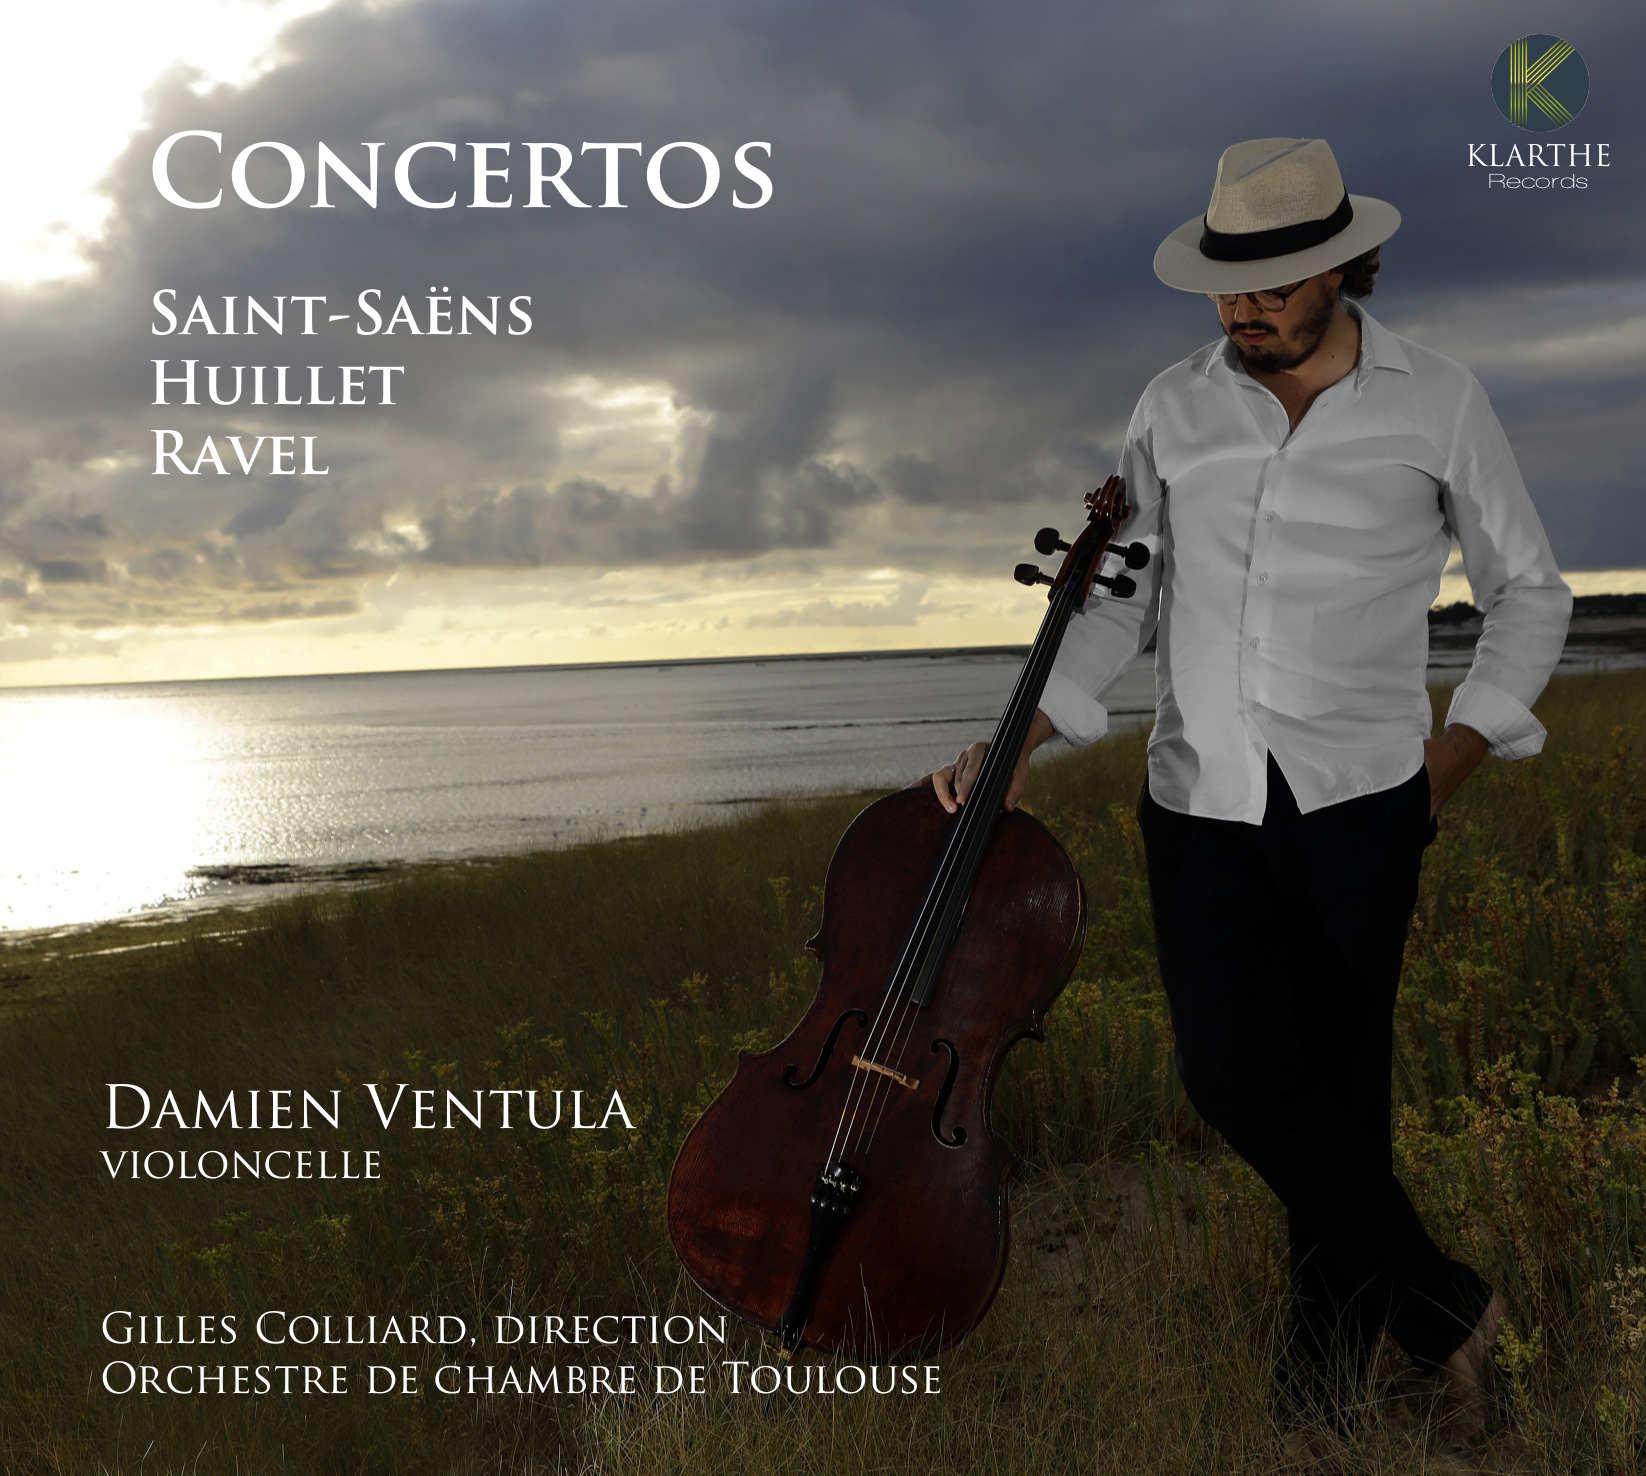 SAINT SAENS opus33 damien Ventula violoncelle klarthe cd critique cd review classiquenews ravel Huillet CLIC de classiquenews